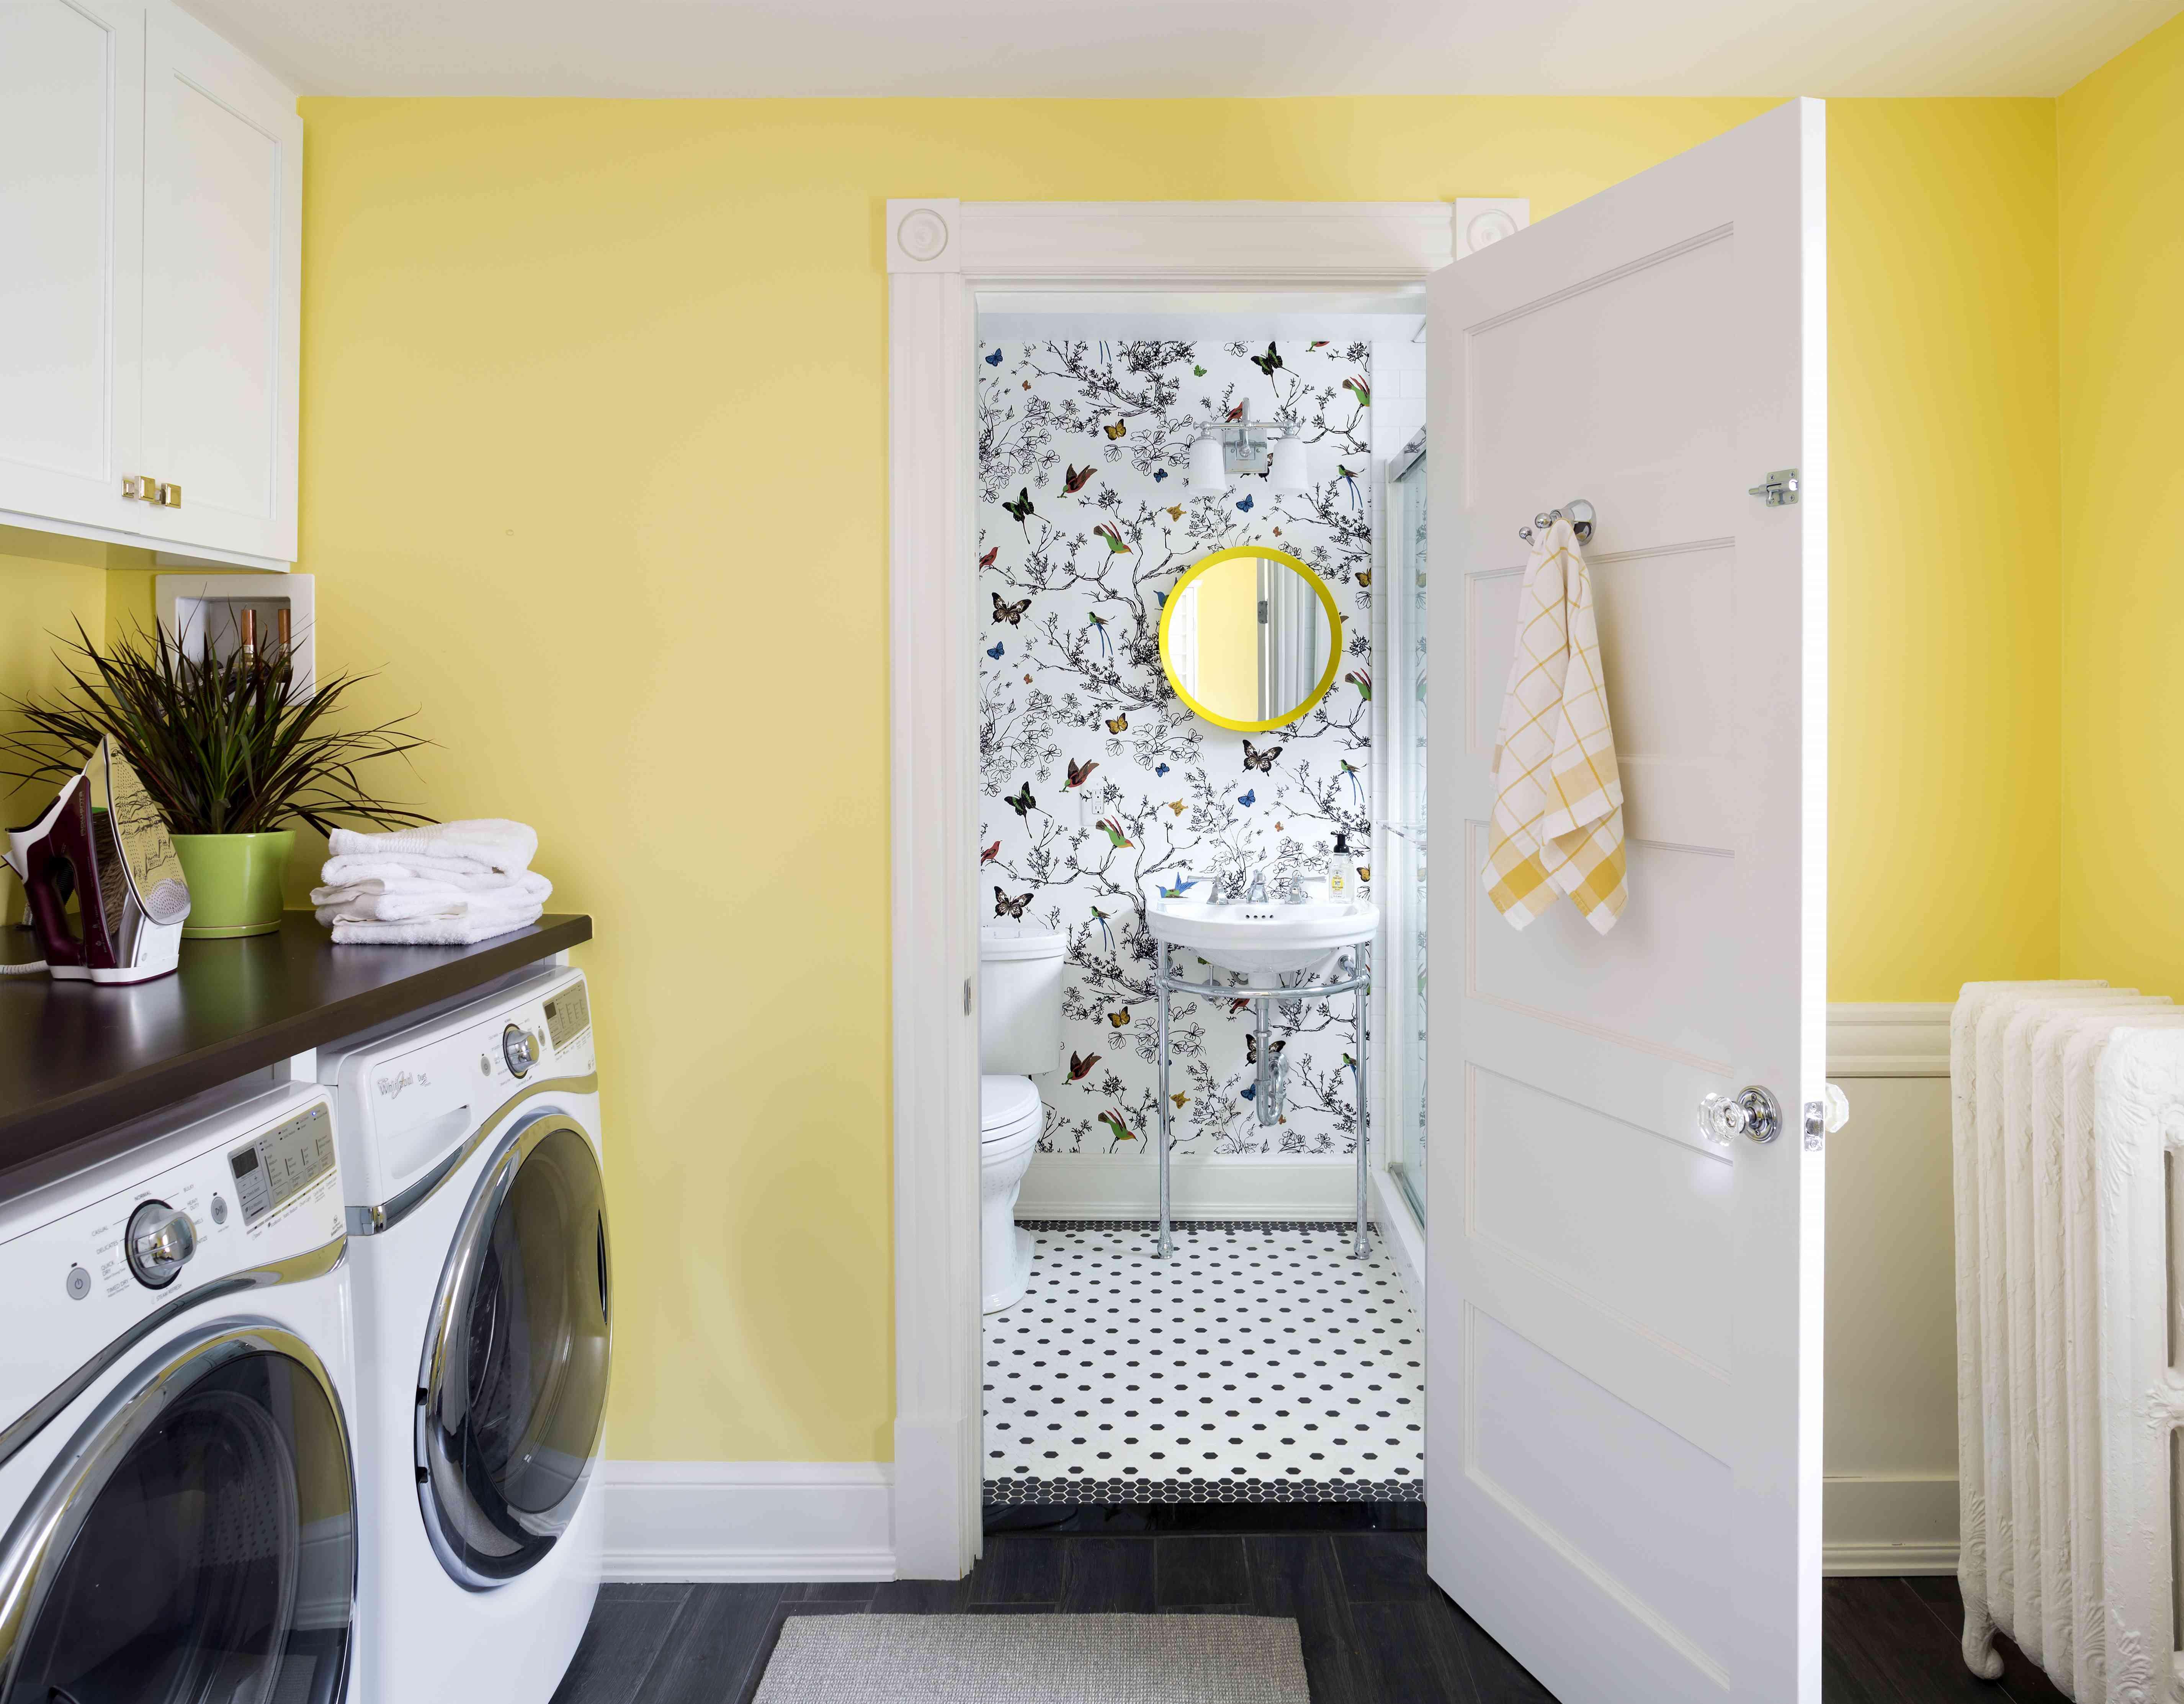 Cuarto de lavado con puerta abierta a un baño con papel tapiz